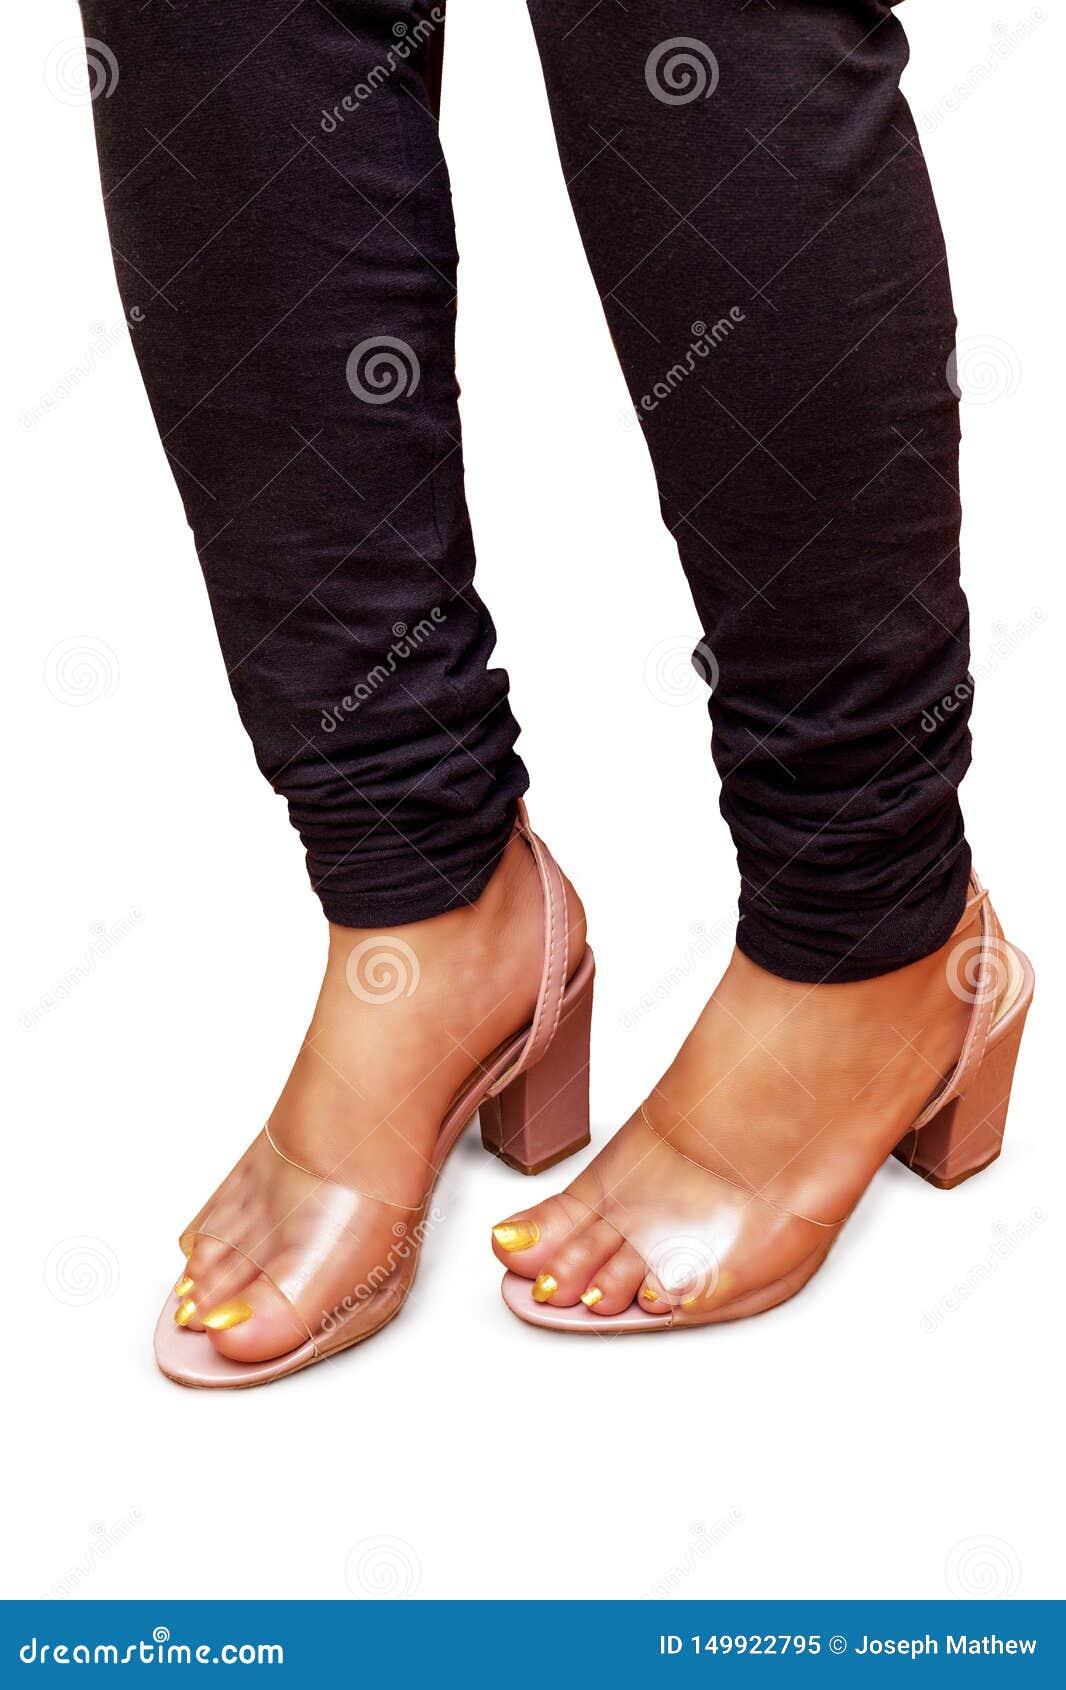 Mädchen in der Stadt, die dunkle Jeans und transparente rosa Sandalen trägt